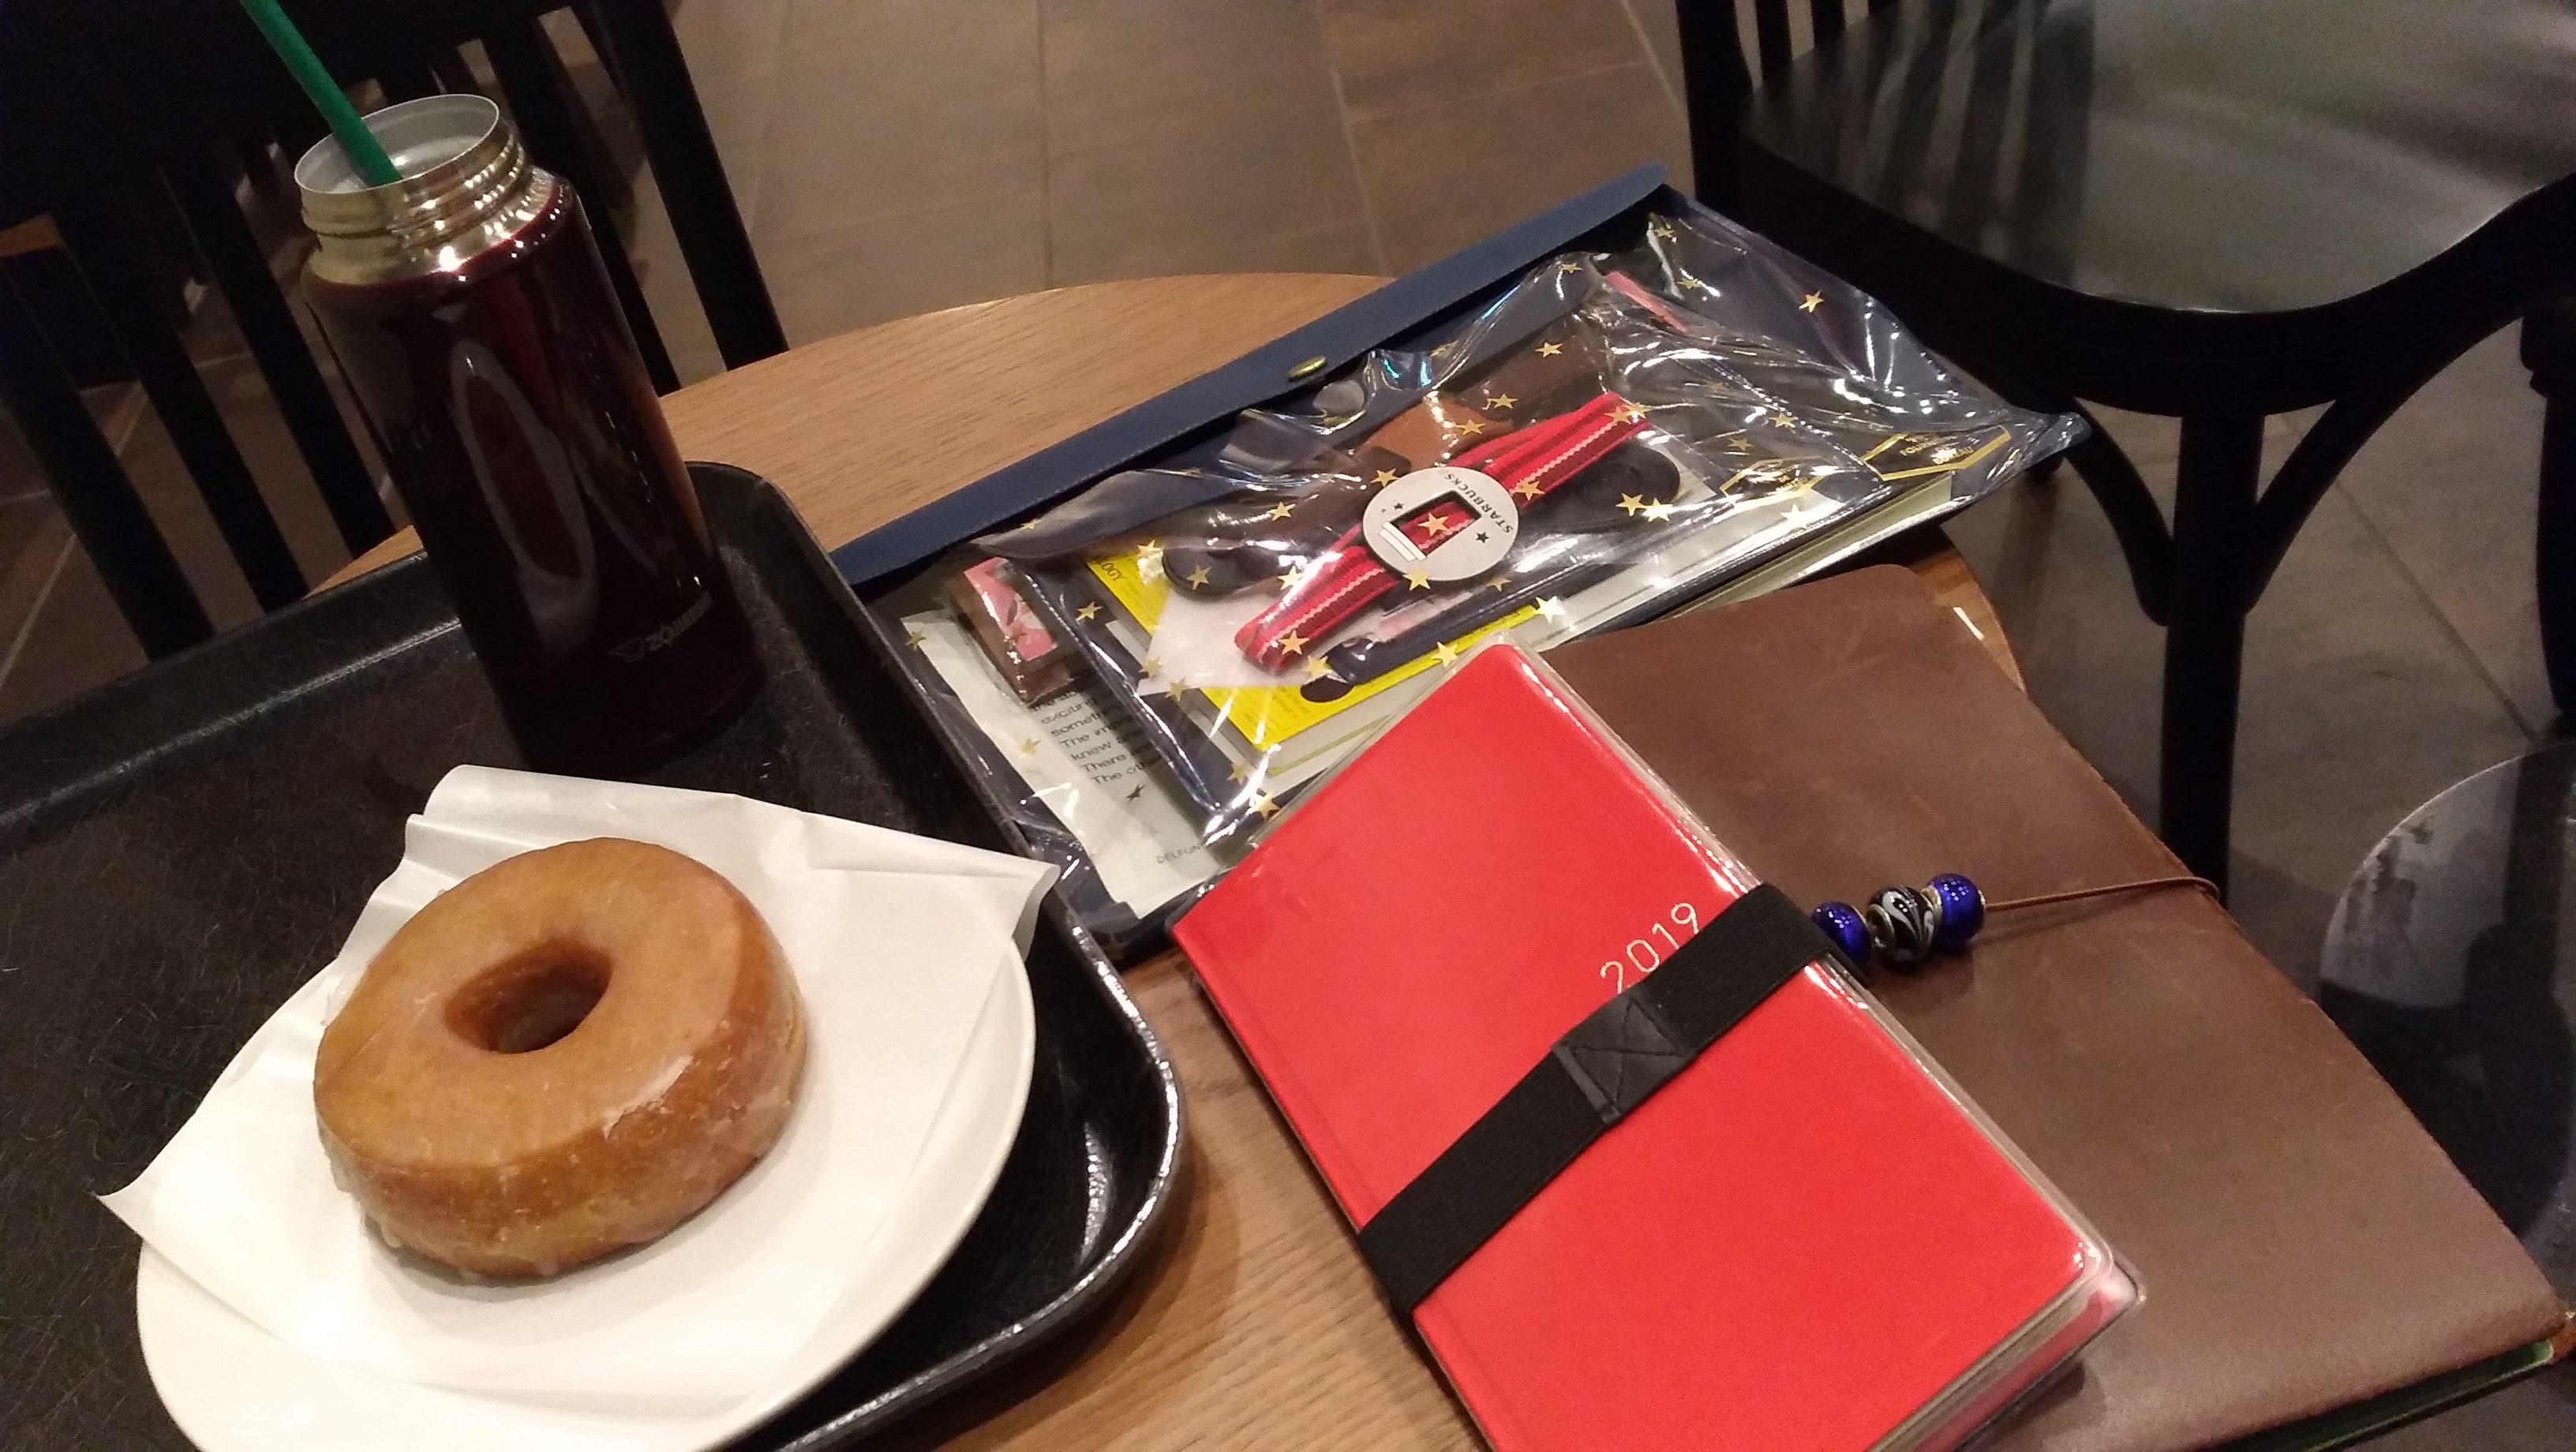 2019年│7冊の手帳・ノート達と共に♡それぞれの使い方を紹介【前編】